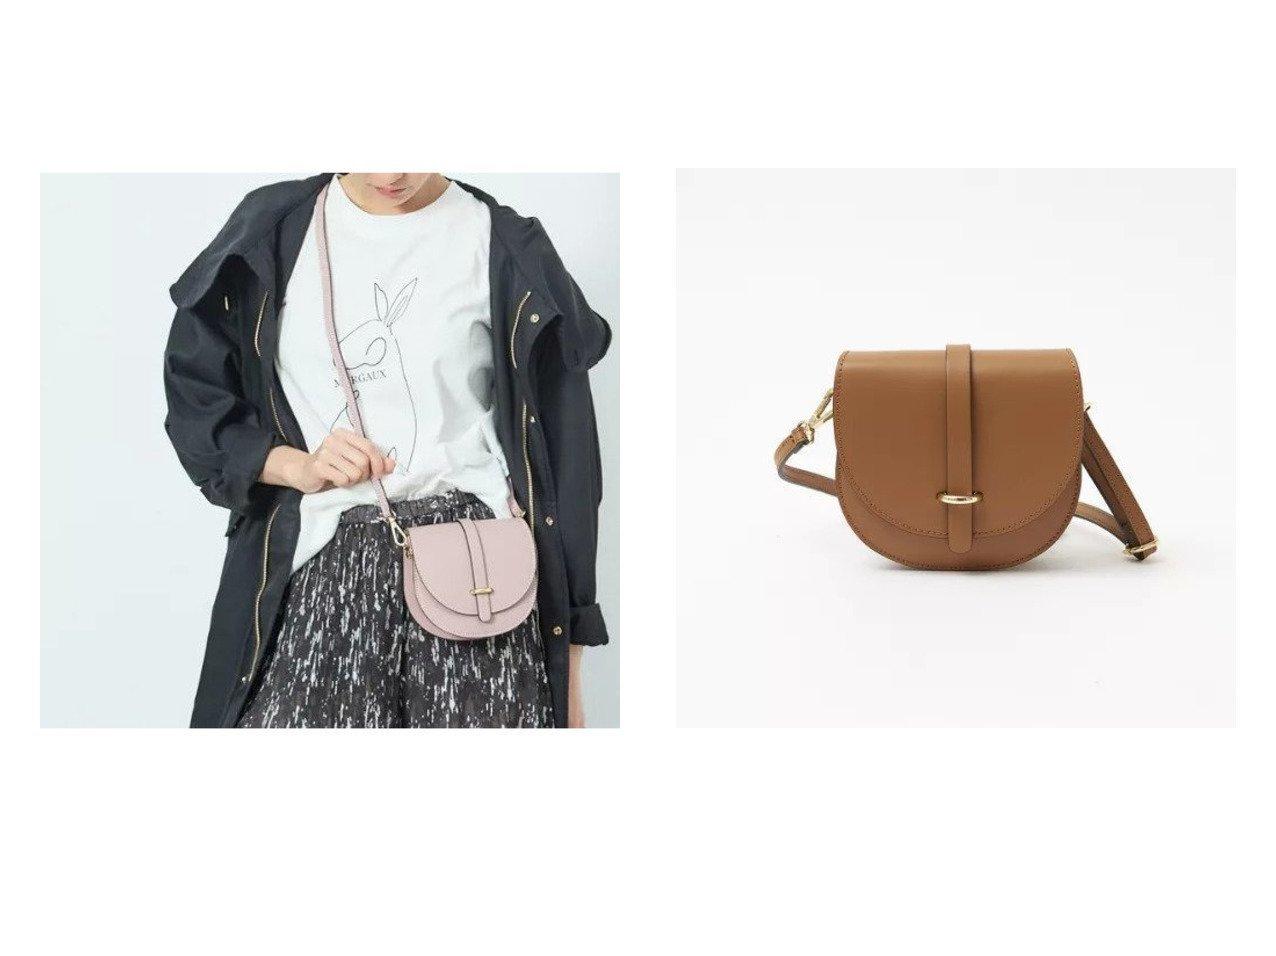 【qualite/カリテ】の【Laboratorio Mariucci】RUGAショルダーバッグ 【バッグ・鞄】おすすめ!人気、トレンド・レディースファッションの通販 おすすめで人気の流行・トレンド、ファッションの通販商品 メンズファッション・キッズファッション・インテリア・家具・レディースファッション・服の通販 founy(ファニー) https://founy.com/ ファッション Fashion レディースファッション WOMEN バッグ Bag アクセサリー イタリア シンプル トレンド |ID:crp329100000029226